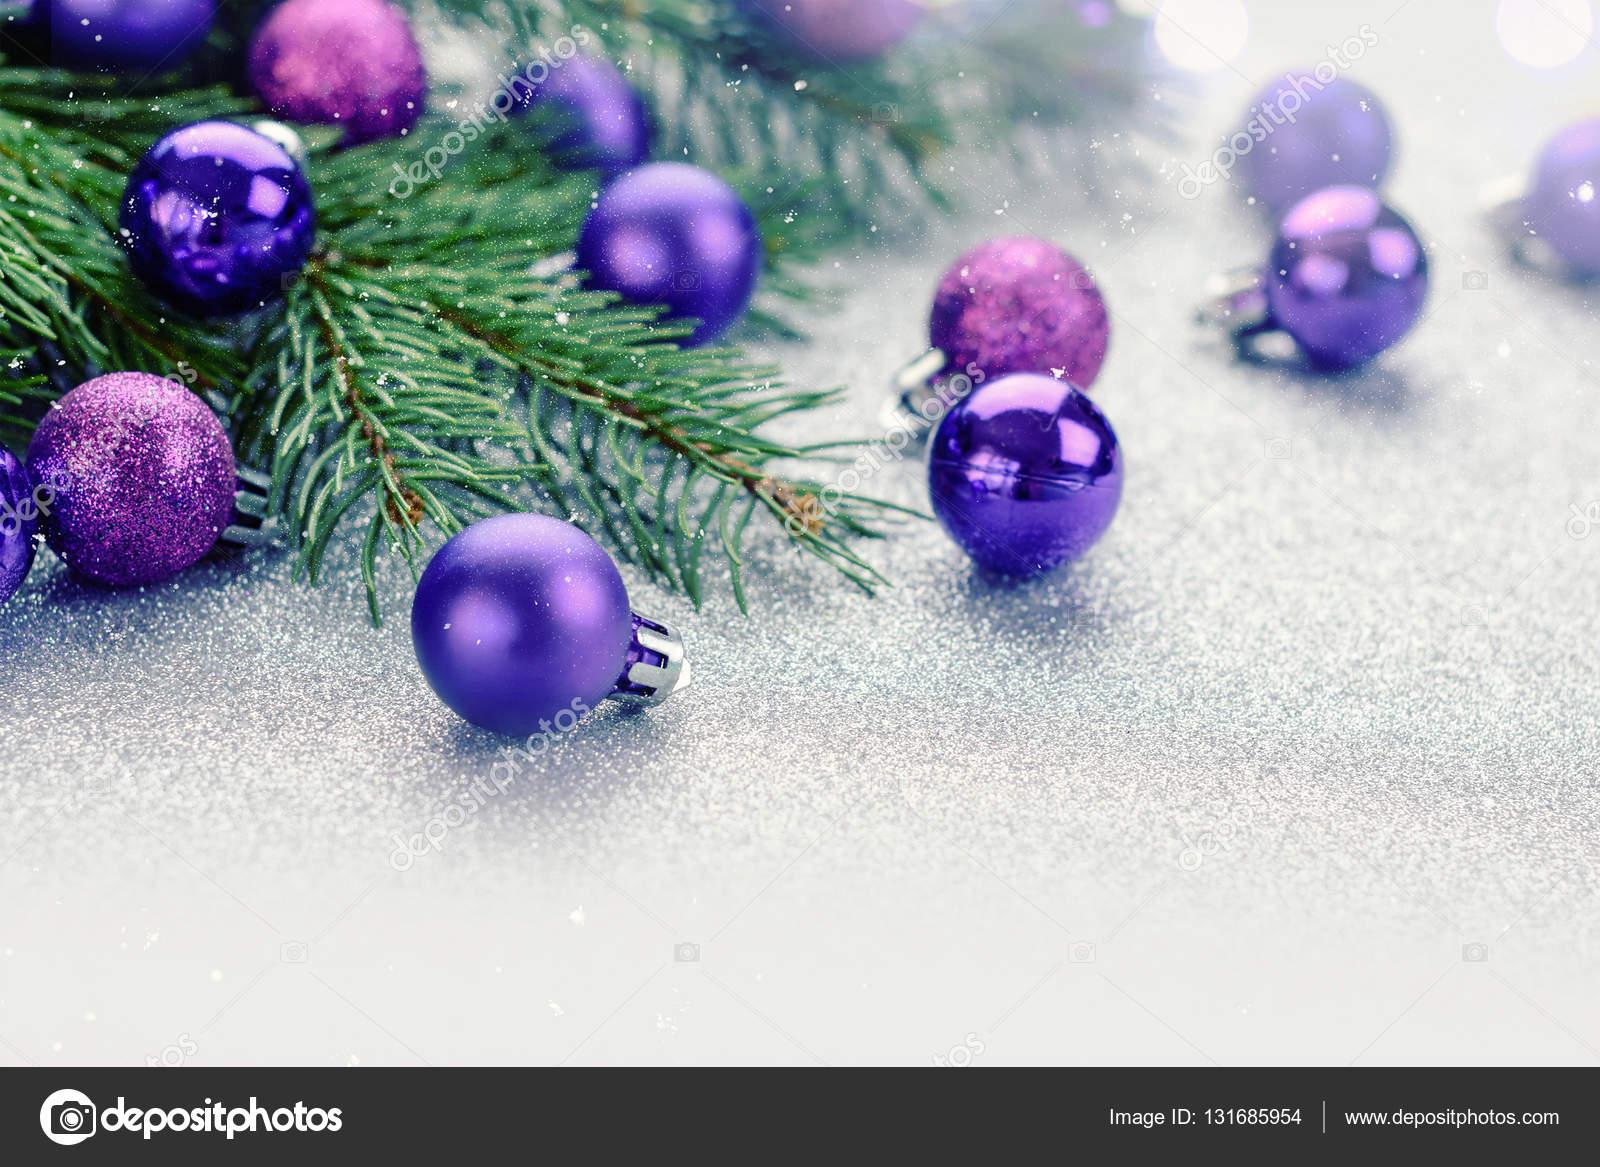 Décoration De Noël Violet Photographie Alekso94 131685954